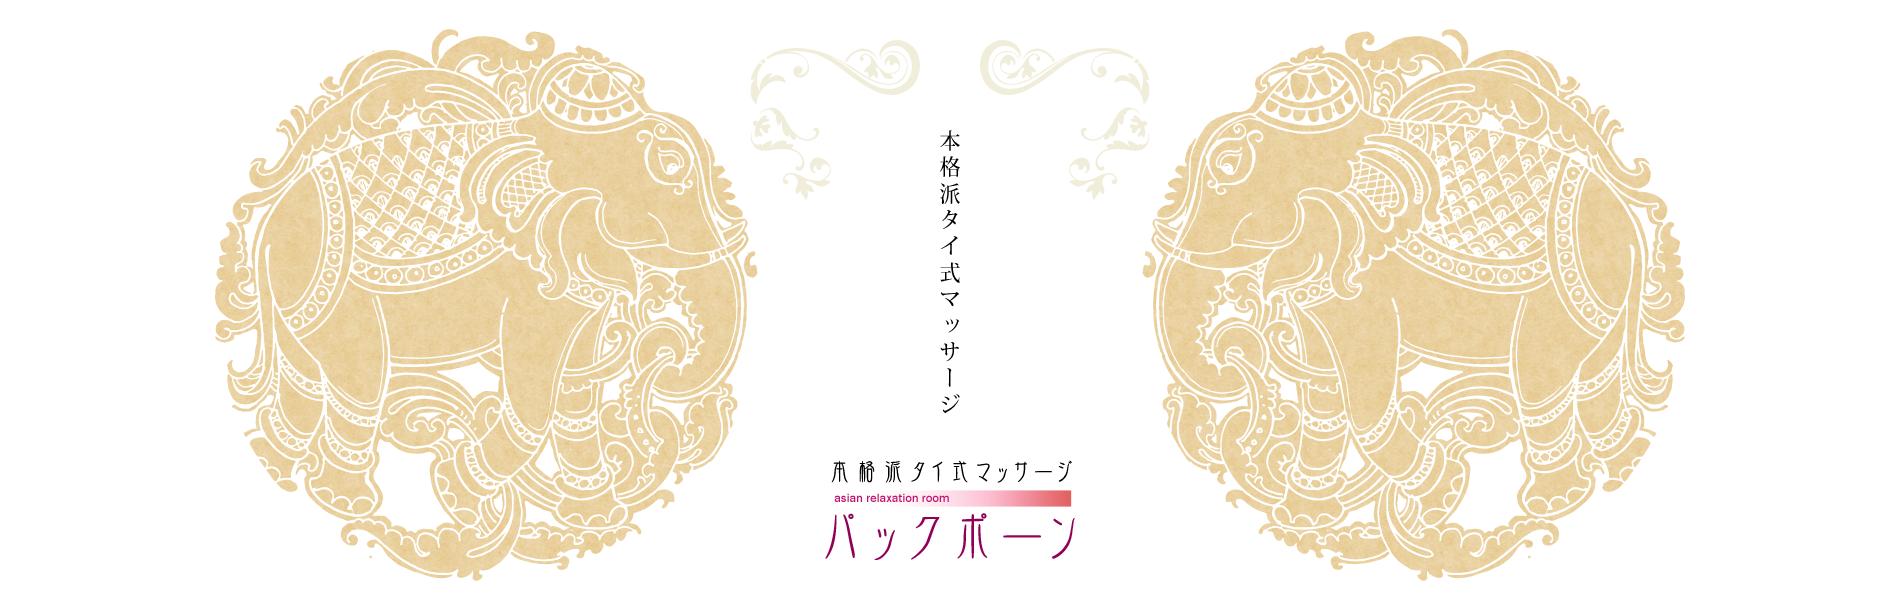 札幌・本格派タイ式マッサージ パックポーン